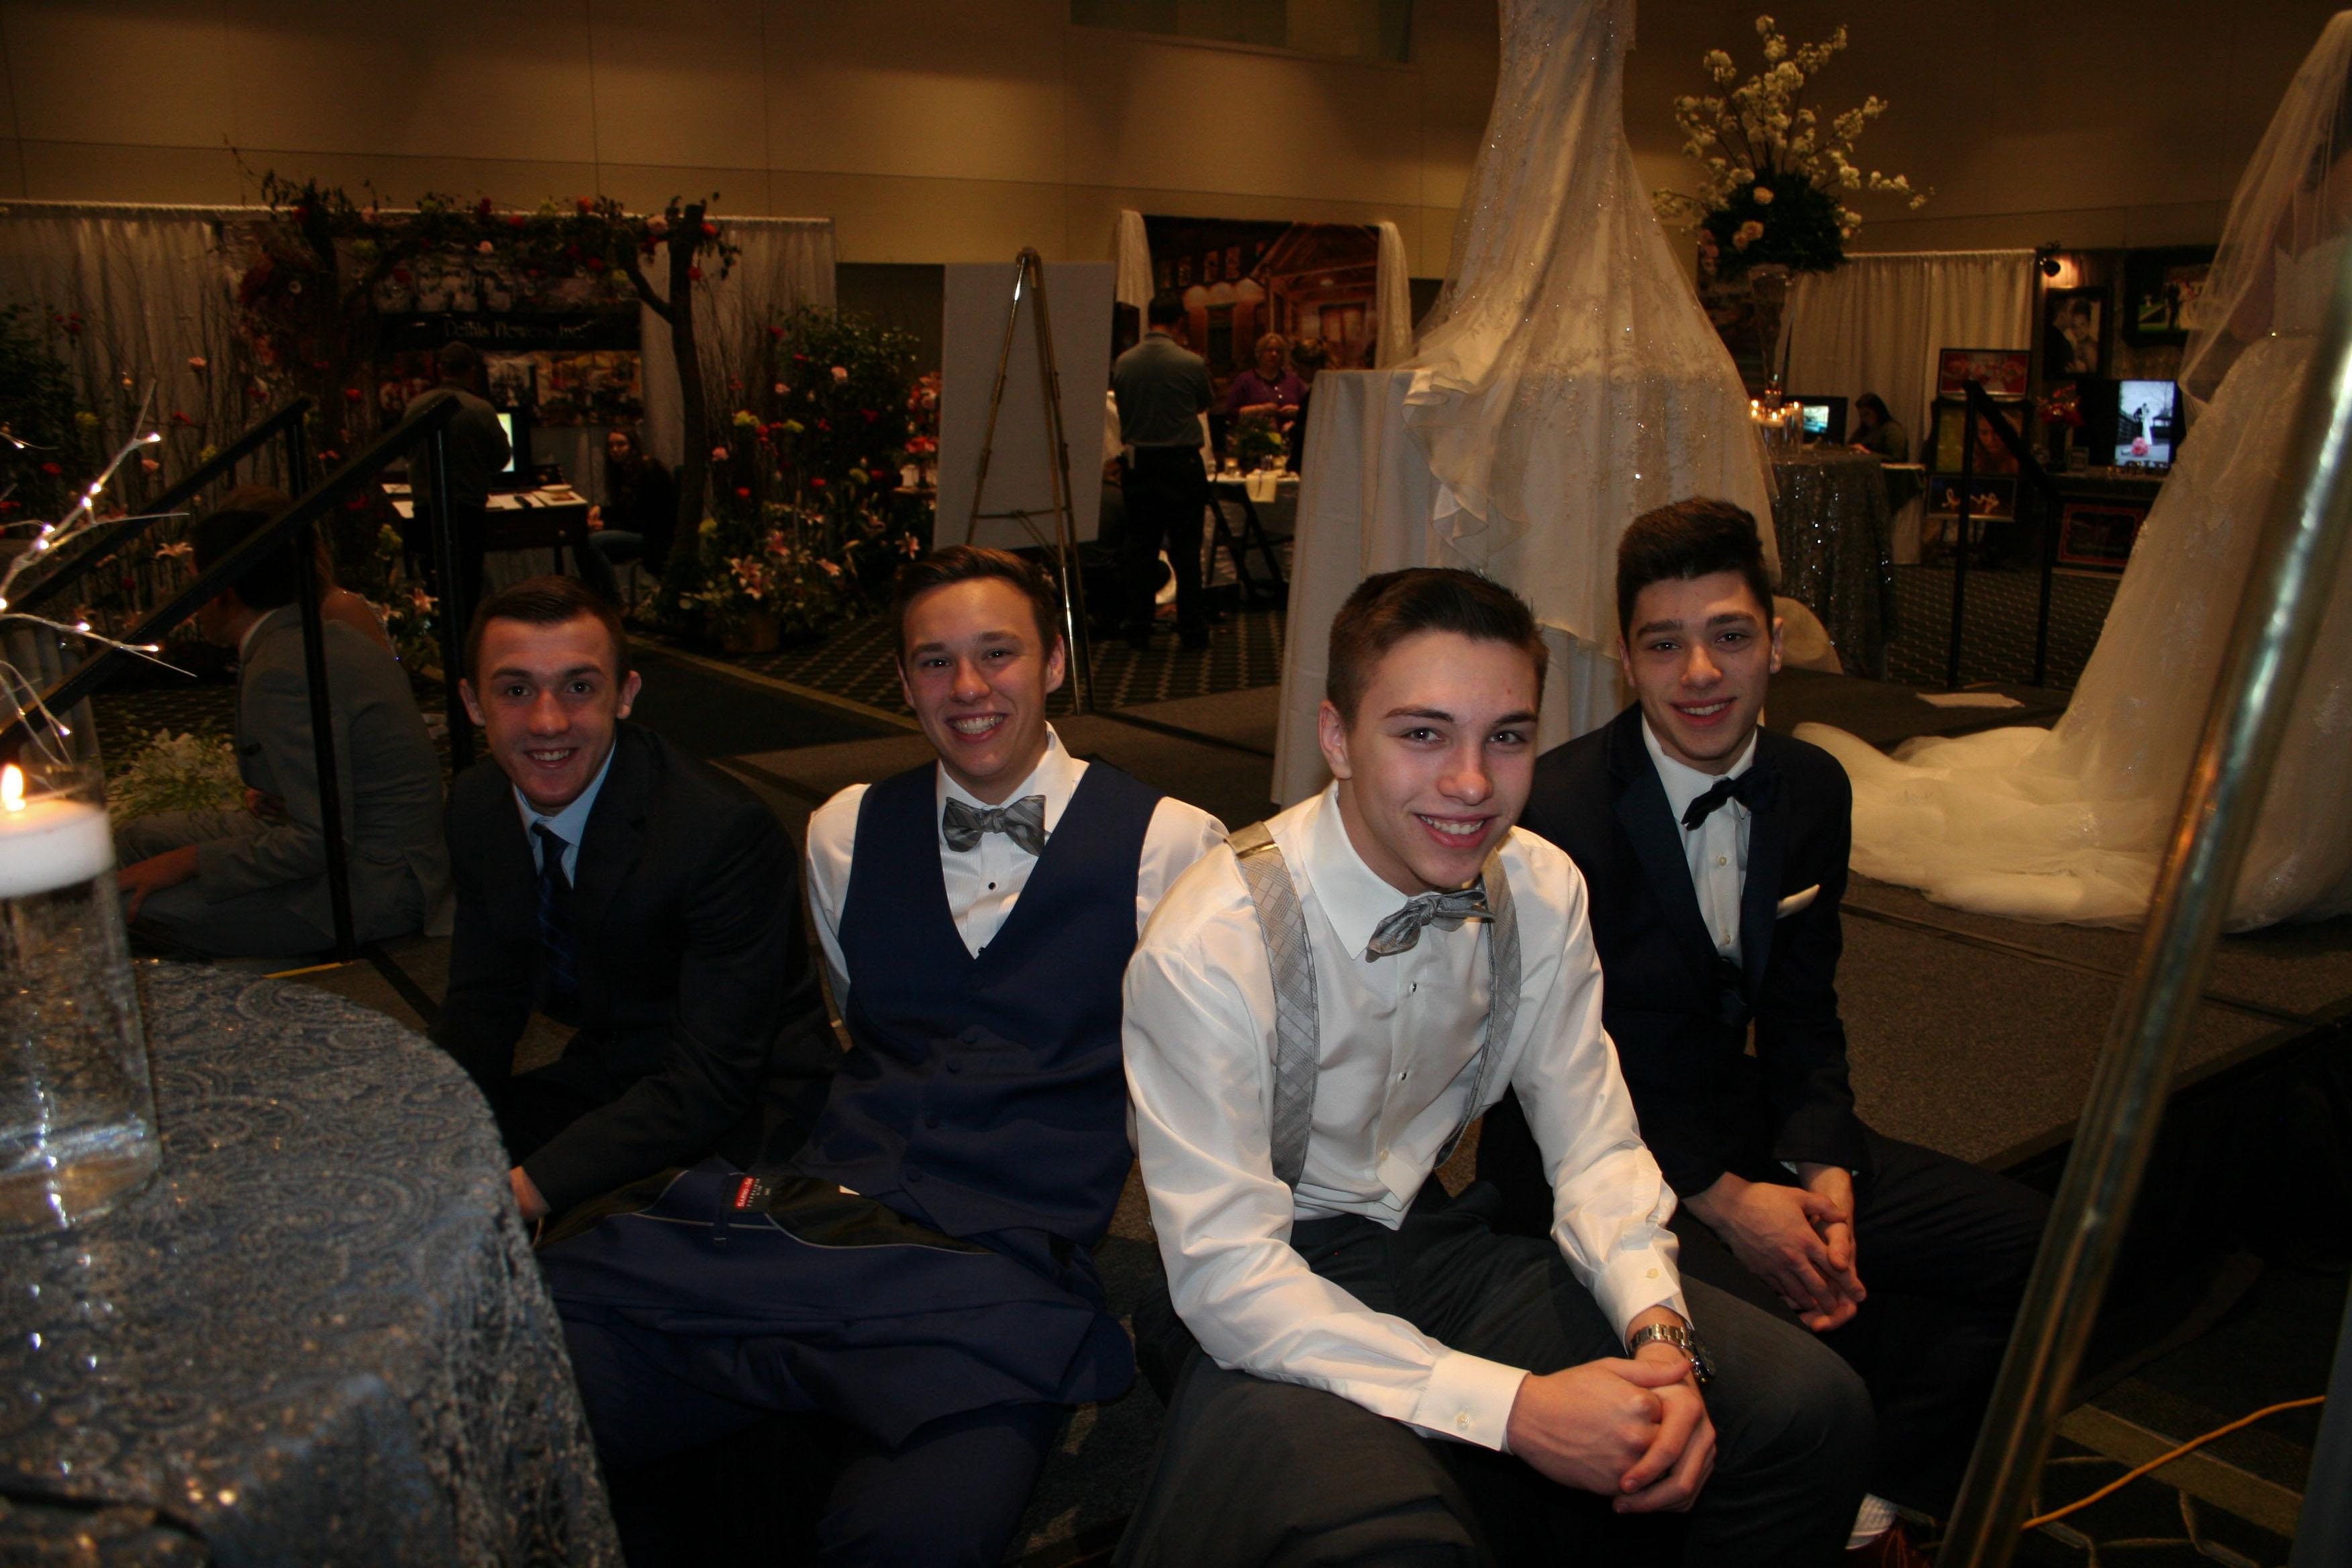 More Guys